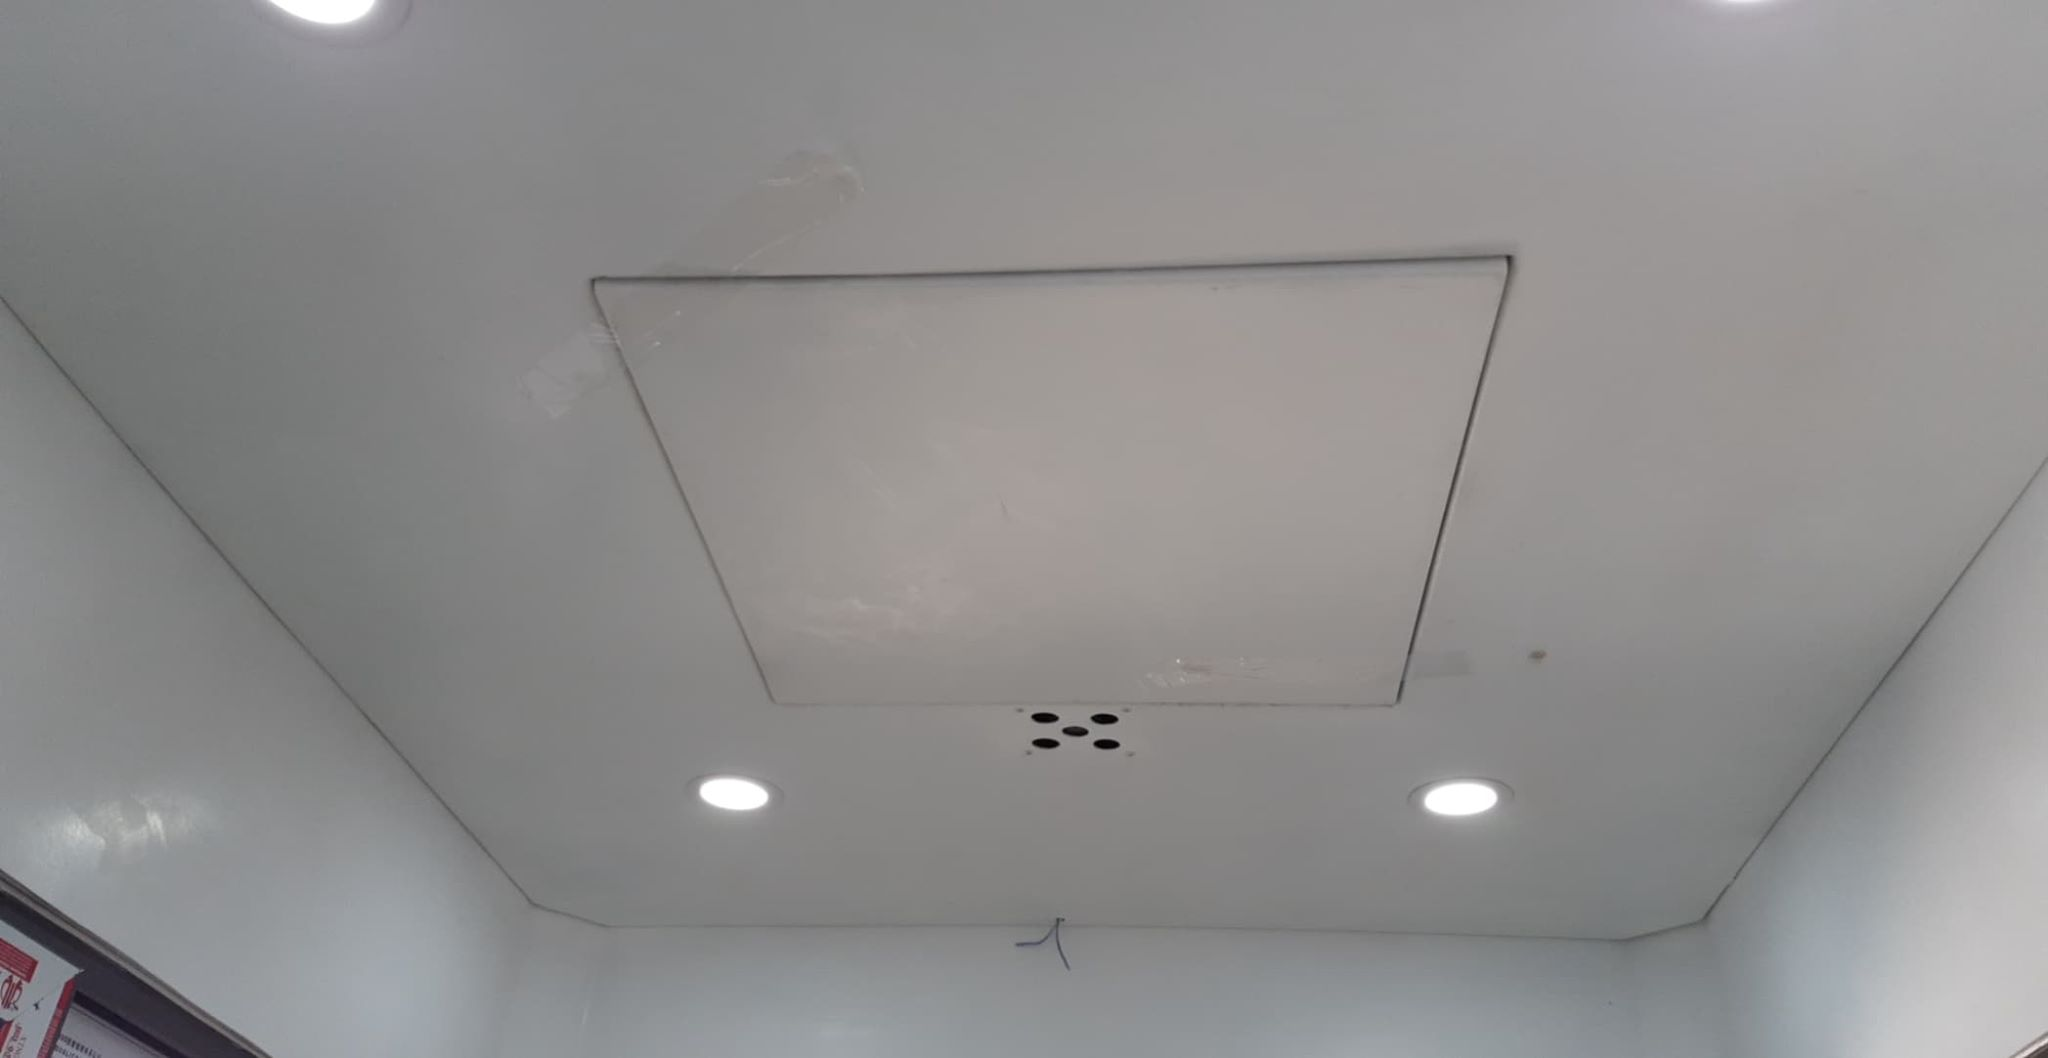 Trần bằng composite lắp quạt thông gió âm trần và đèn led dowlight